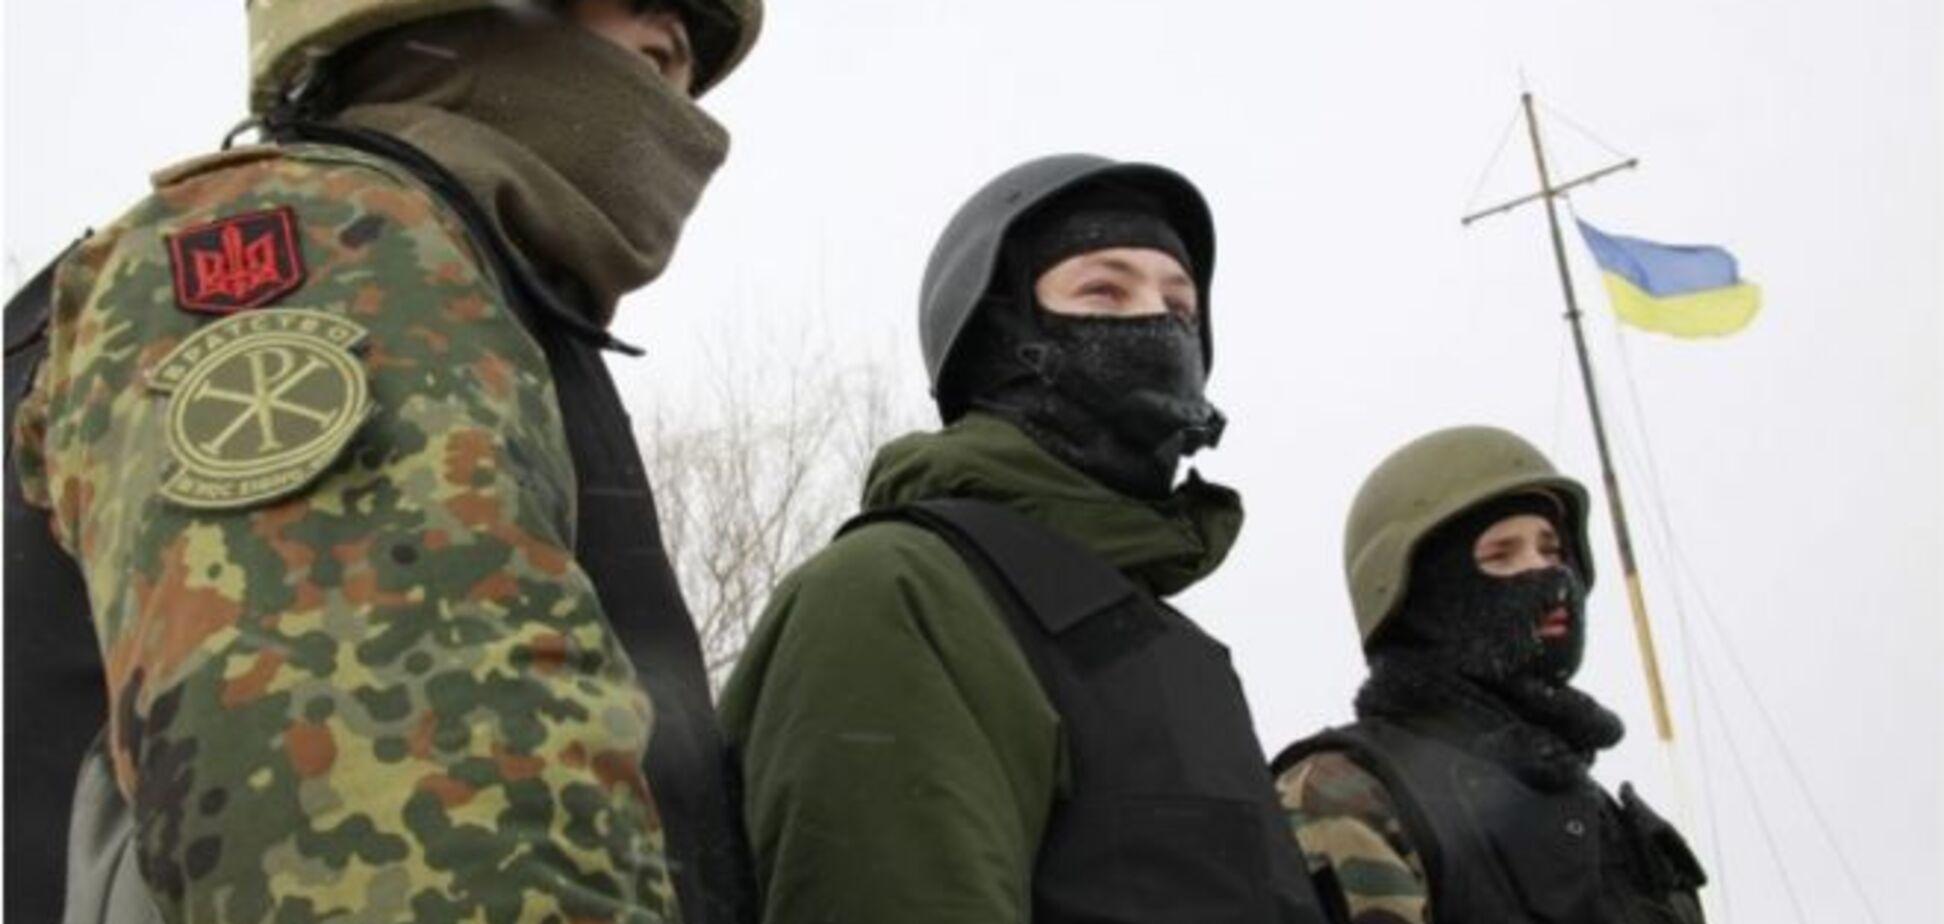 У зоні АТО спалахнув конфлікт між бійцями двох батальйонів - ЗМІ